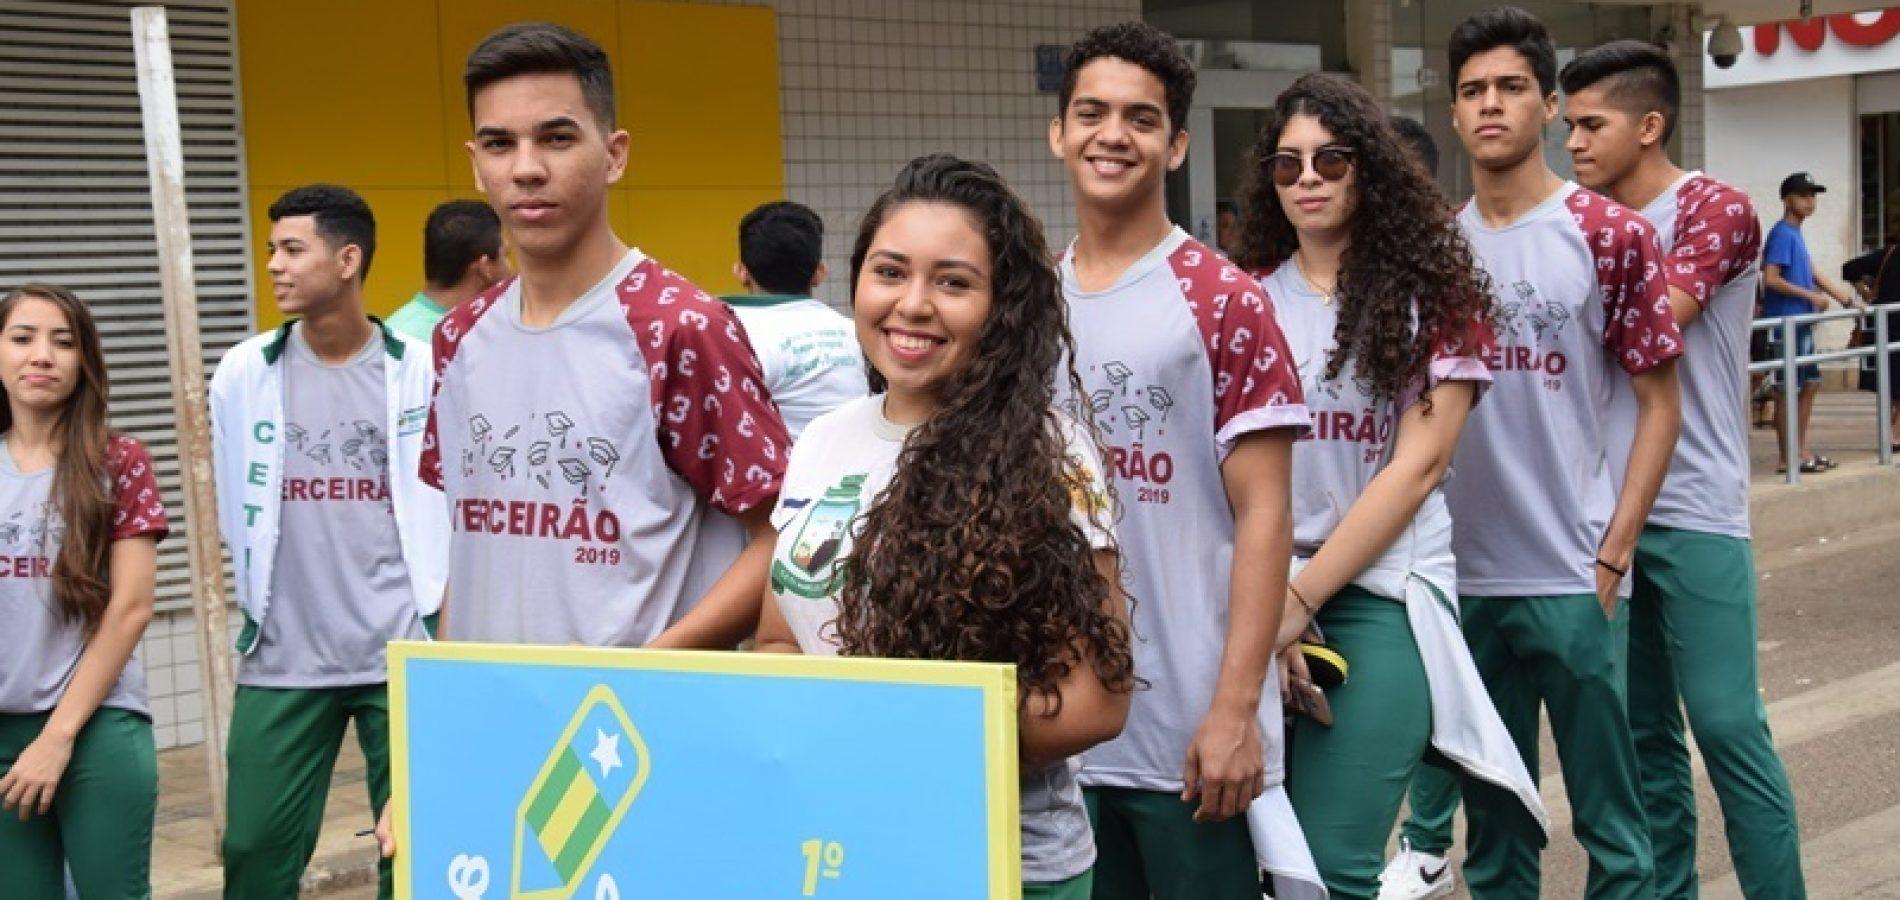 PICOS | CETI Marcos Parente completa 70 anos e realiza série de eventos em comemoração à data